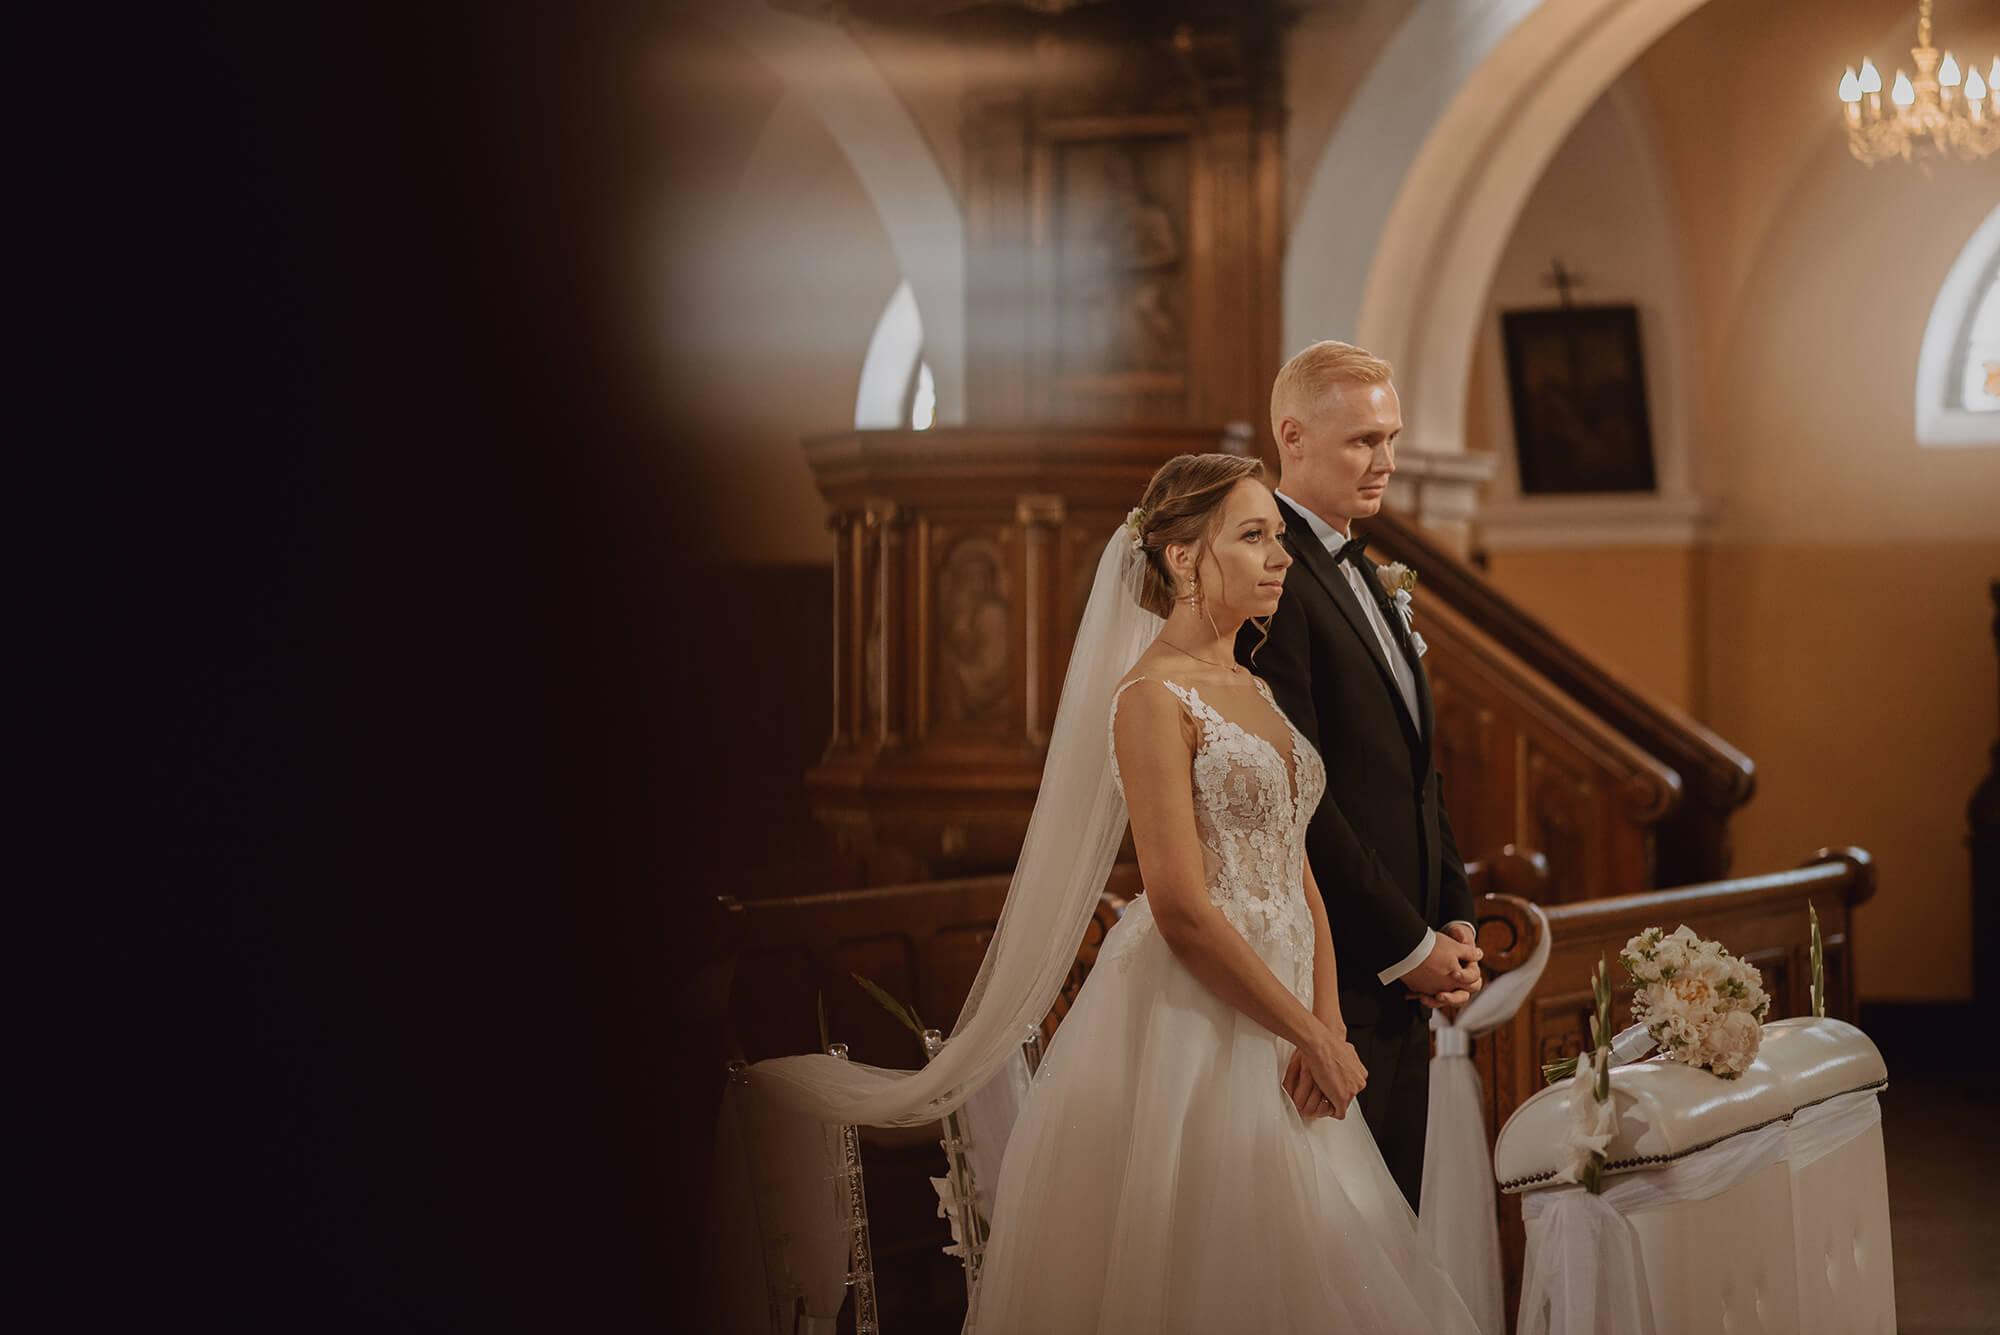 Slub wesele w dworze Hulanka00012 - Ola + Maciej | wesele w Dworze Hulanka